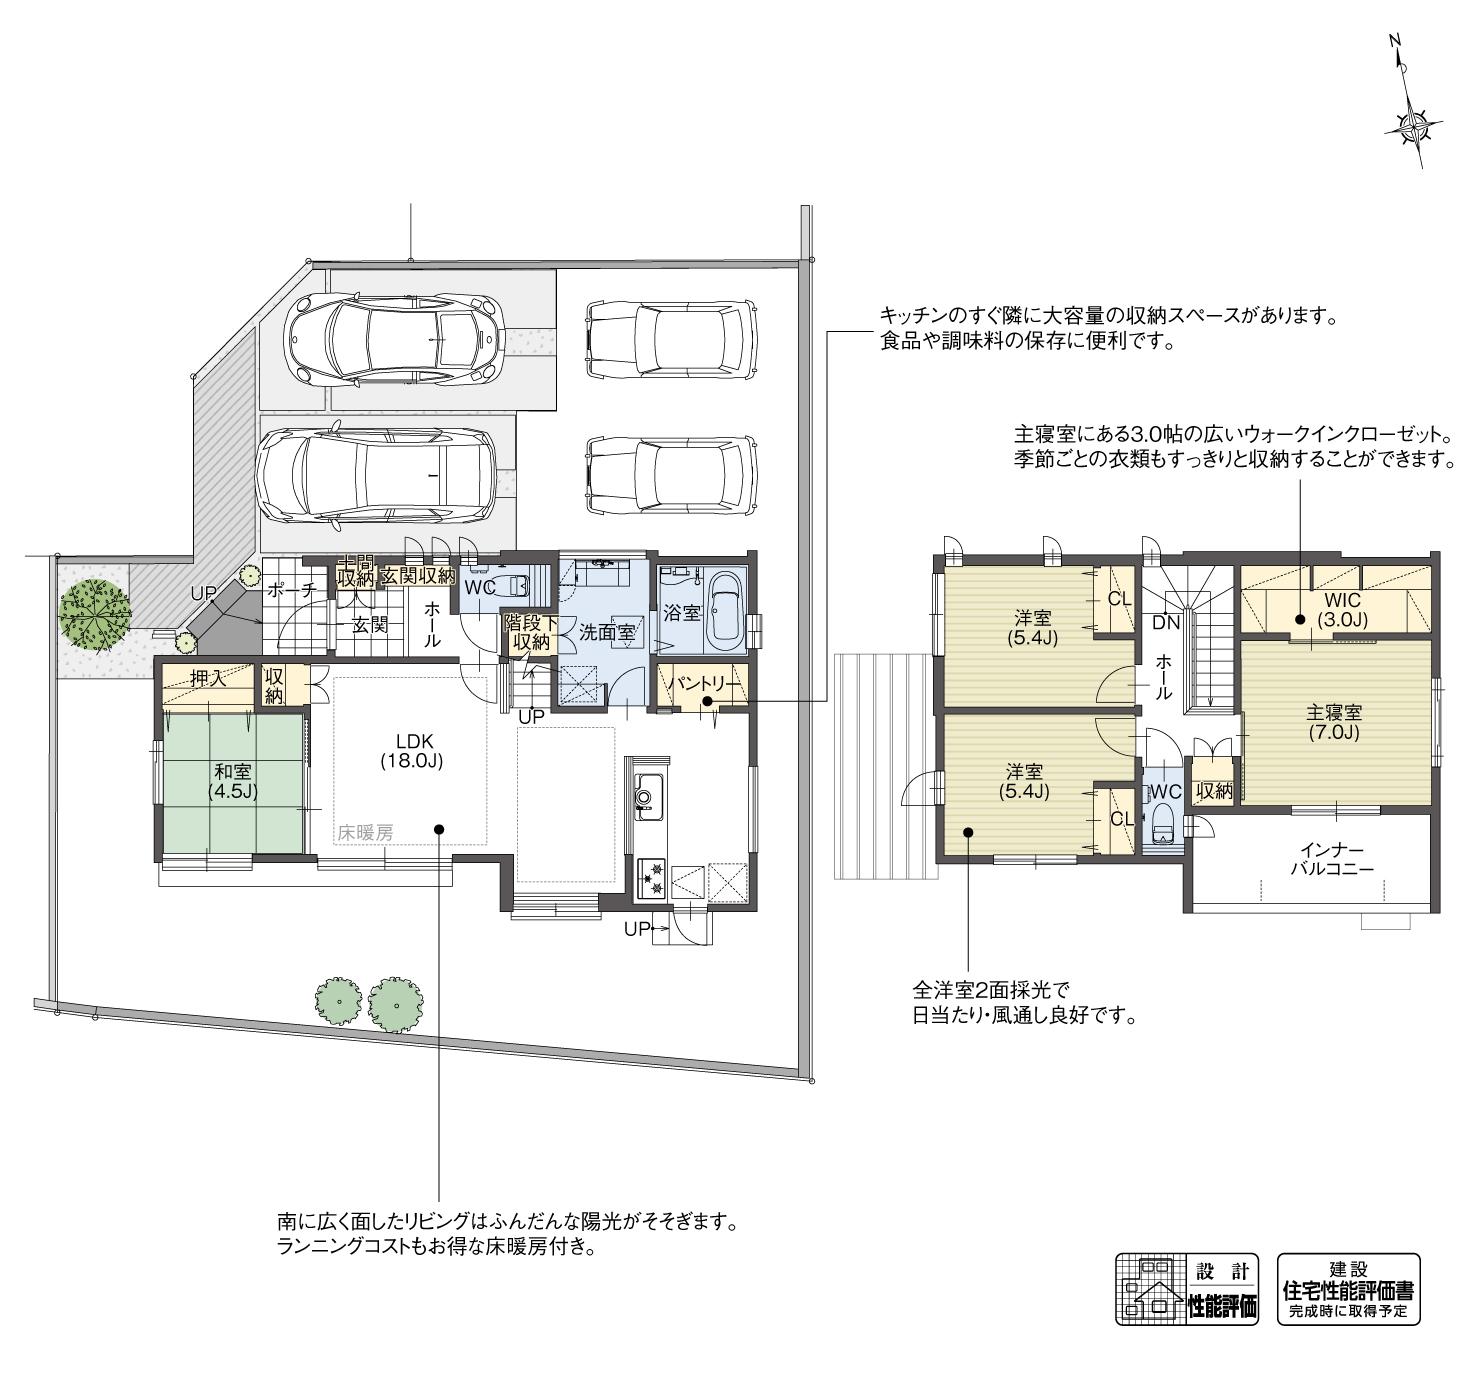 5_間取図_plan2_豊田市森町